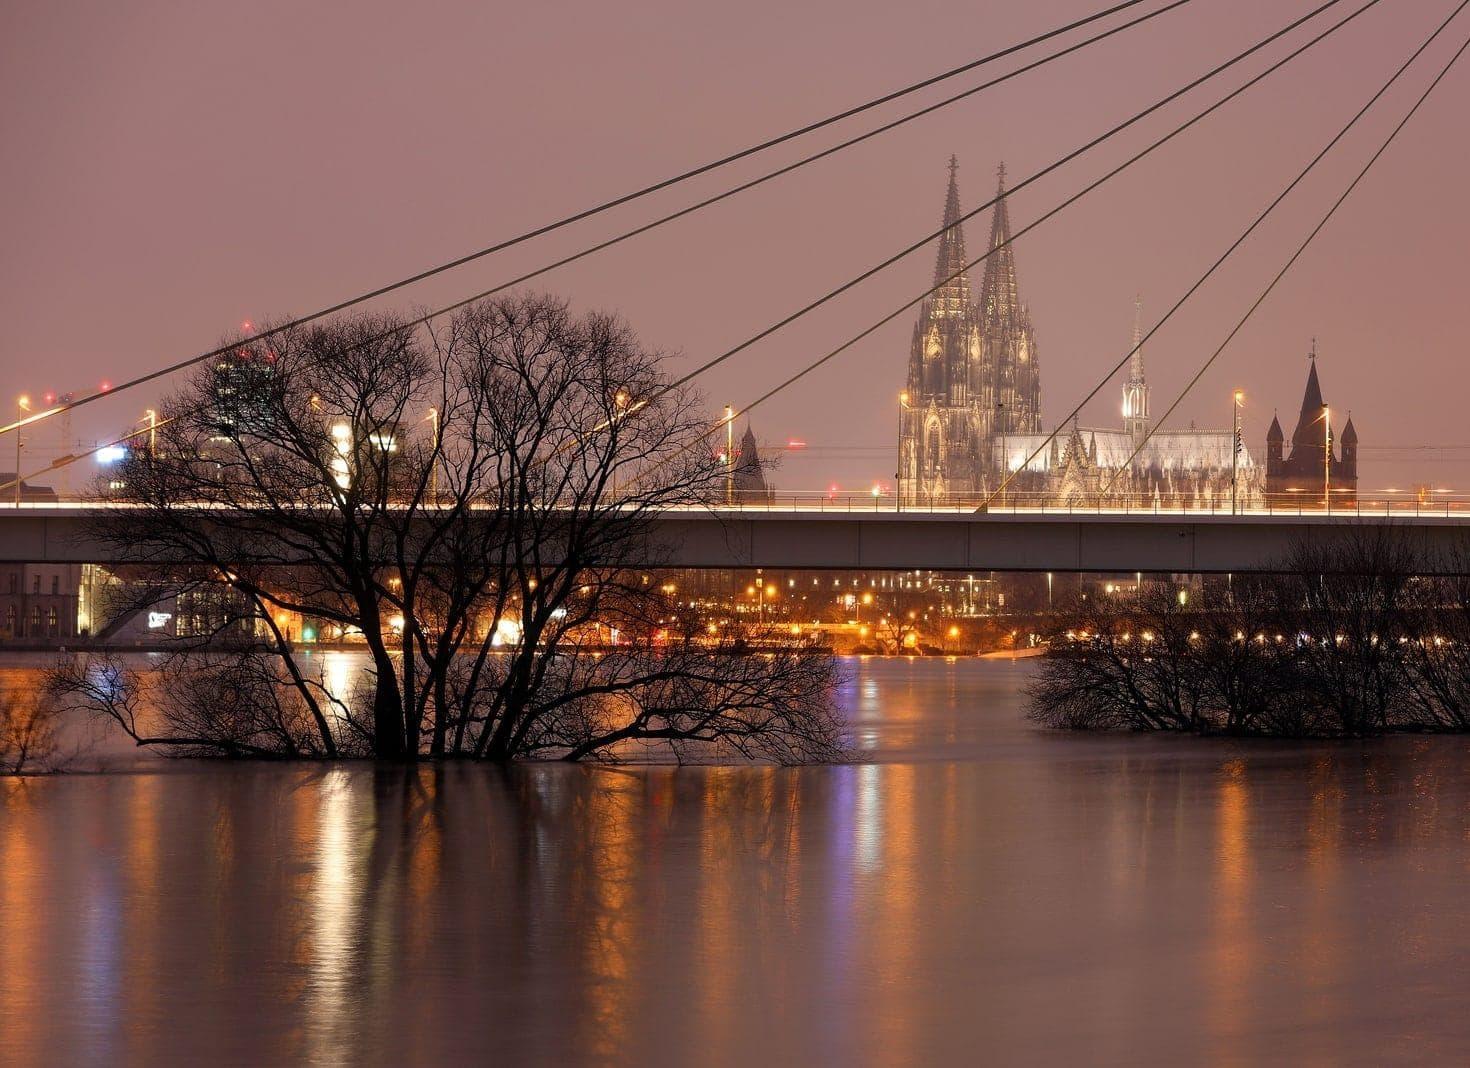 Hochwasser am Rhein bei Köln